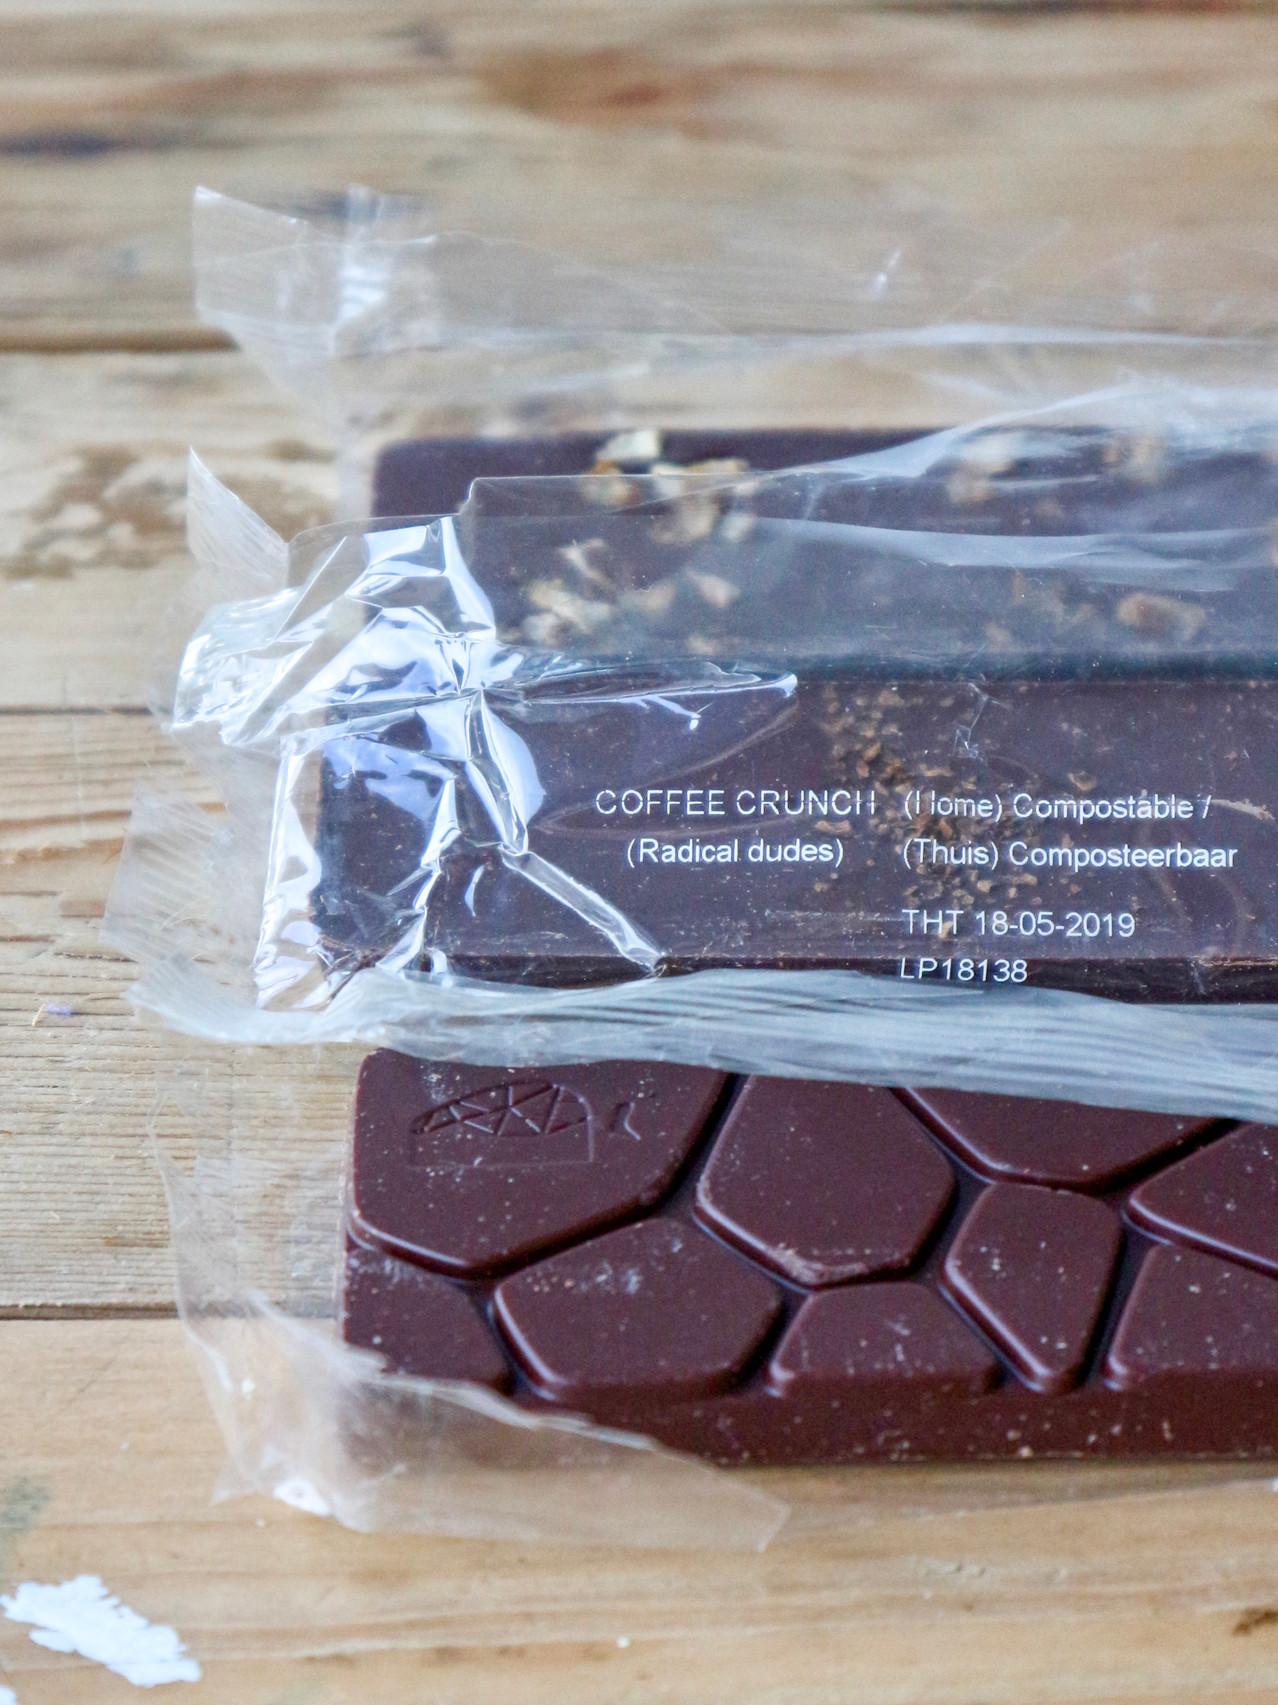 choco&things, chocola, handmade, biologisch, rauw, vegan, glutenvrij, suikervrij, review, recensie, smaaktest